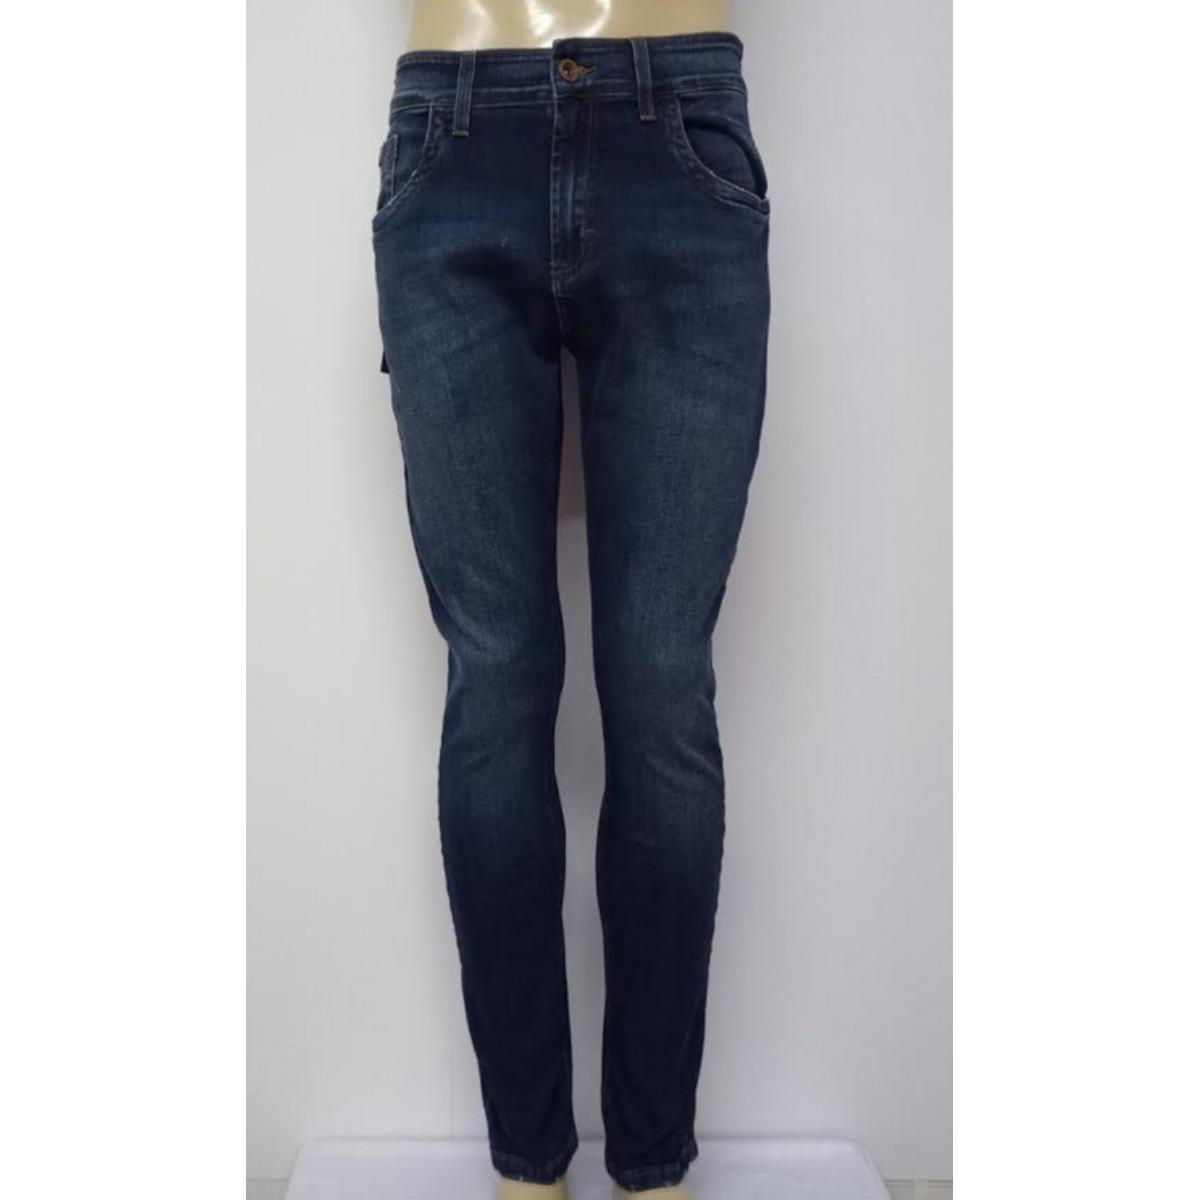 Calça Masculina Index 01.01.1004906 Jeans